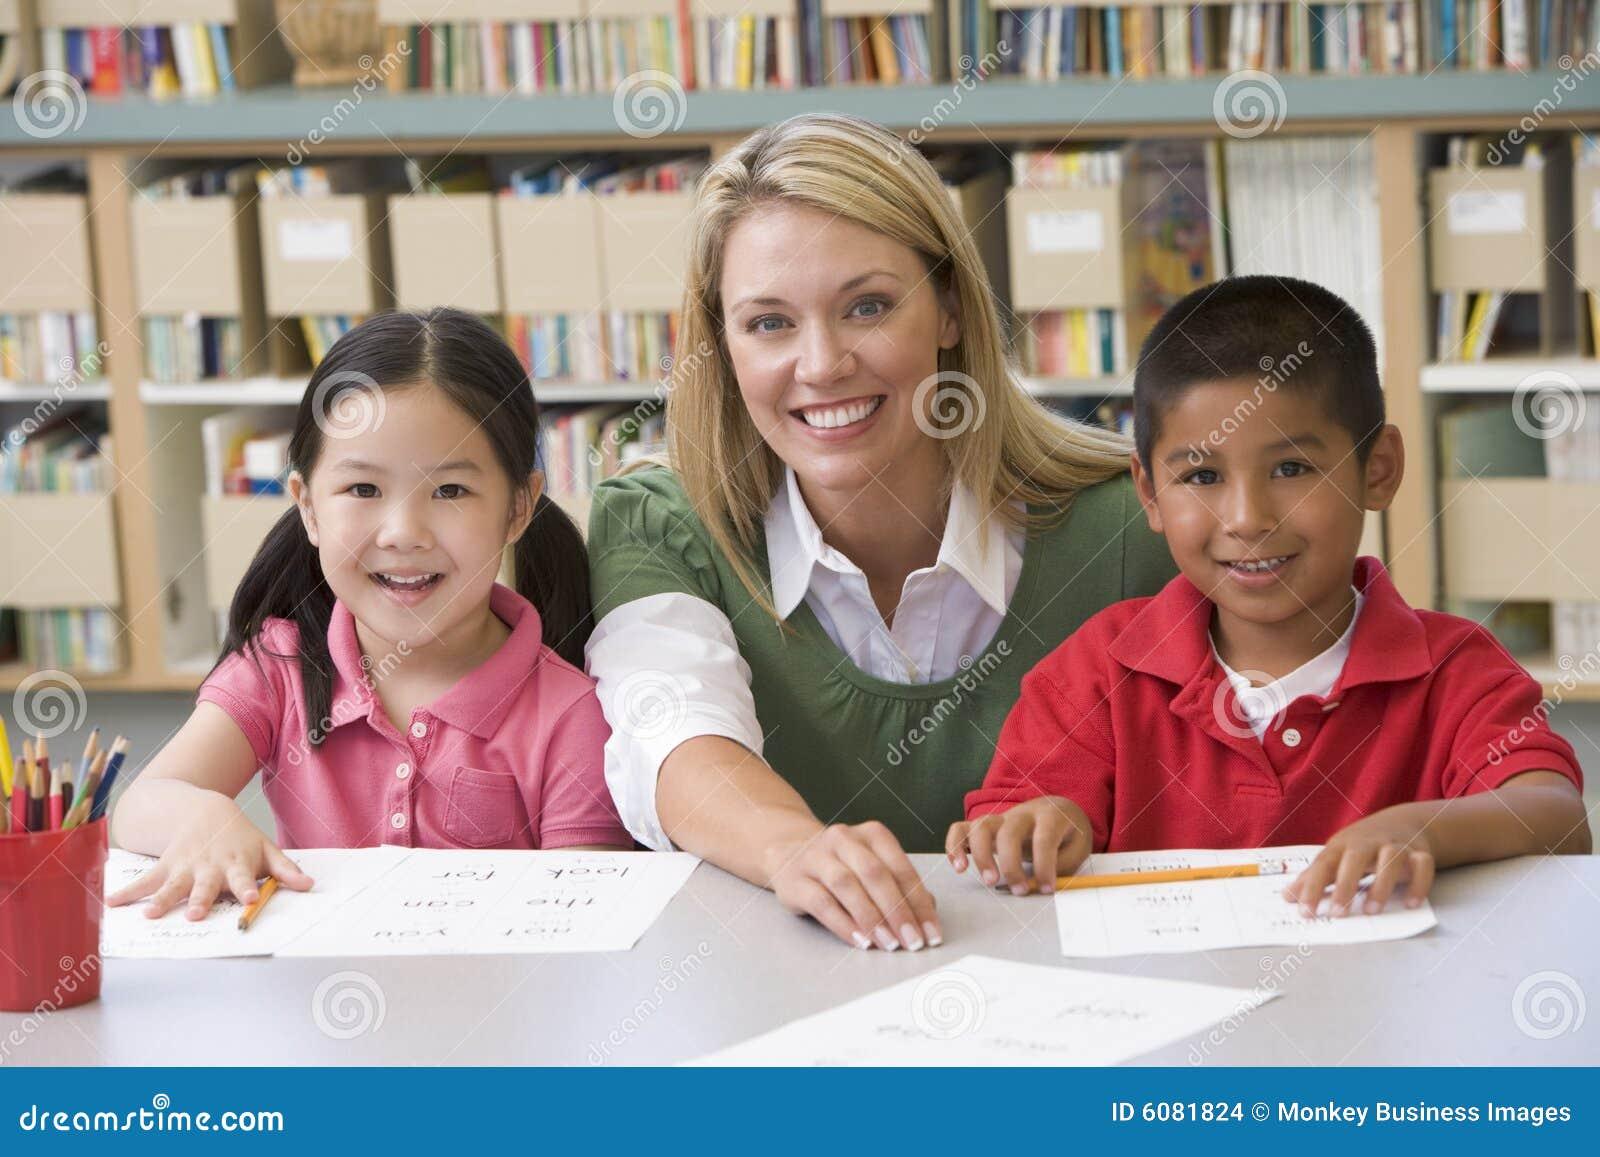 helping children write